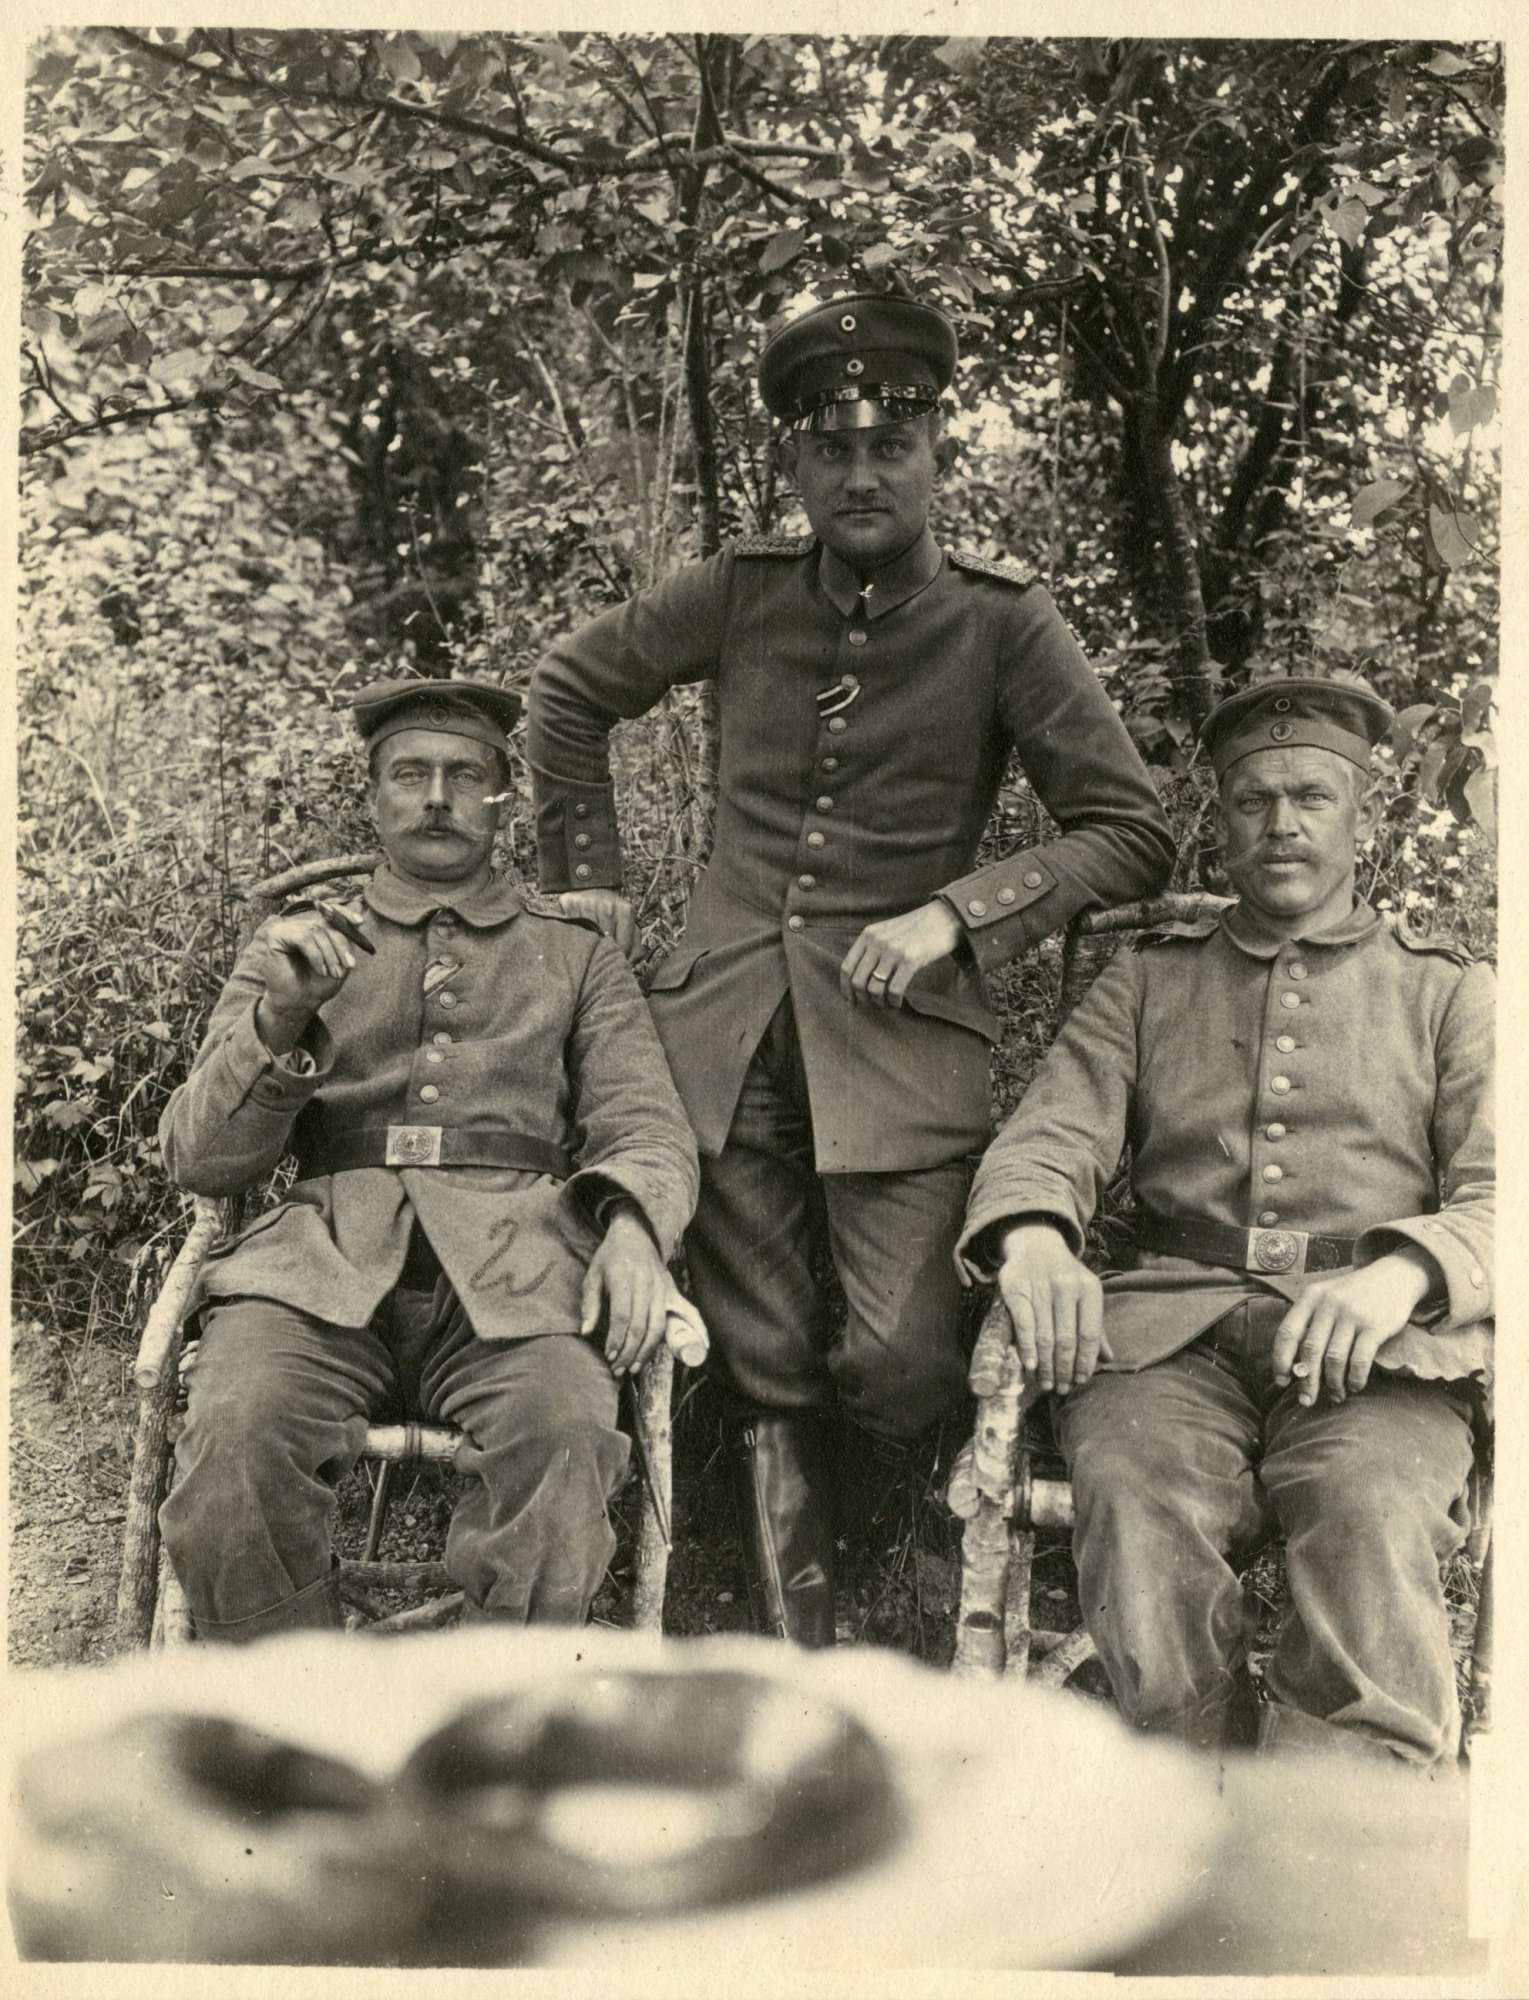 Ulshöfer, Leonhard, Bild 3